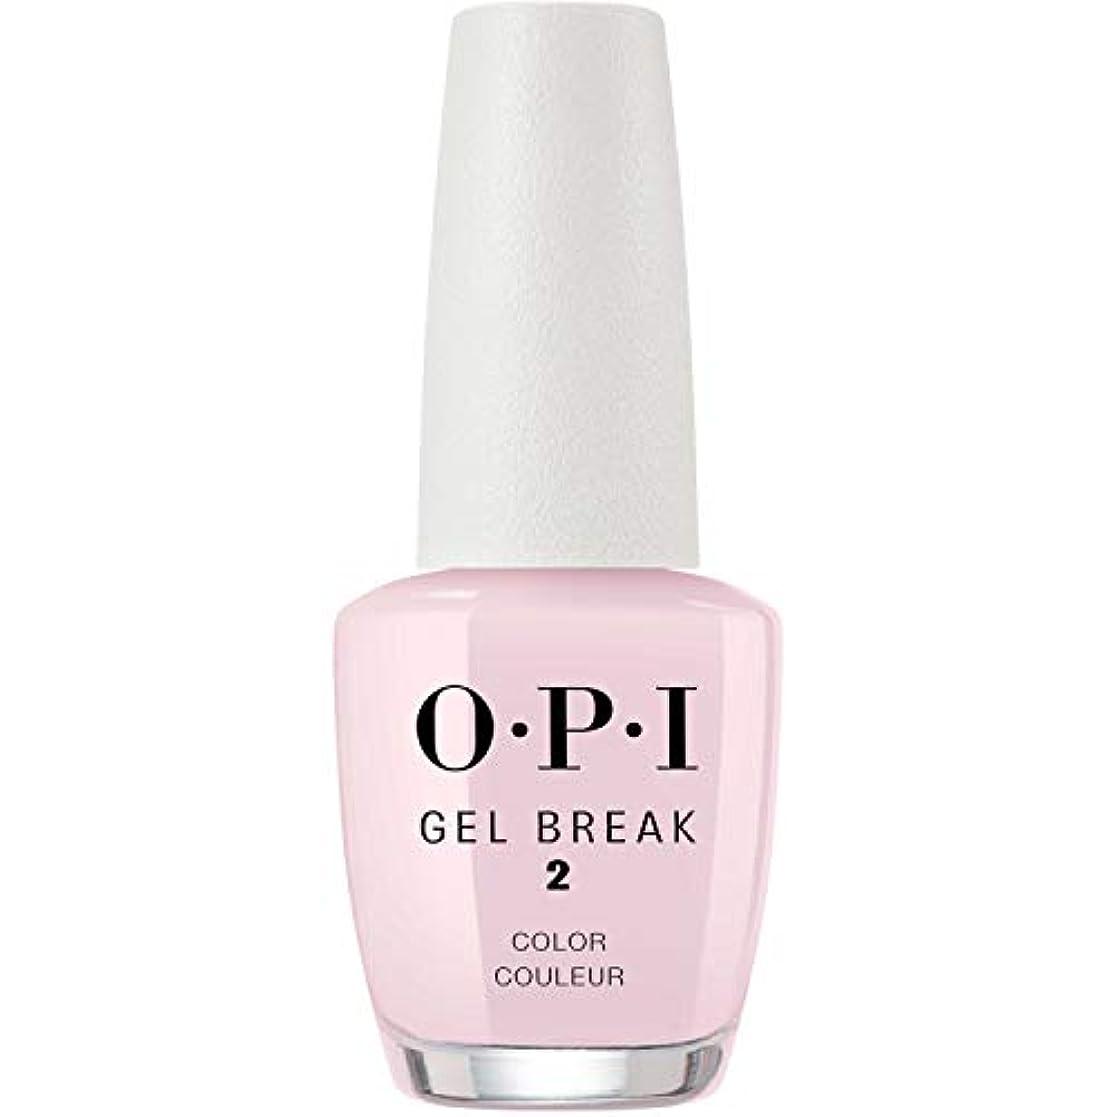 ロールカカドゥ転用OPI(オーピーアイ) ジェルブレイク NTR03 プロパリー ピンク